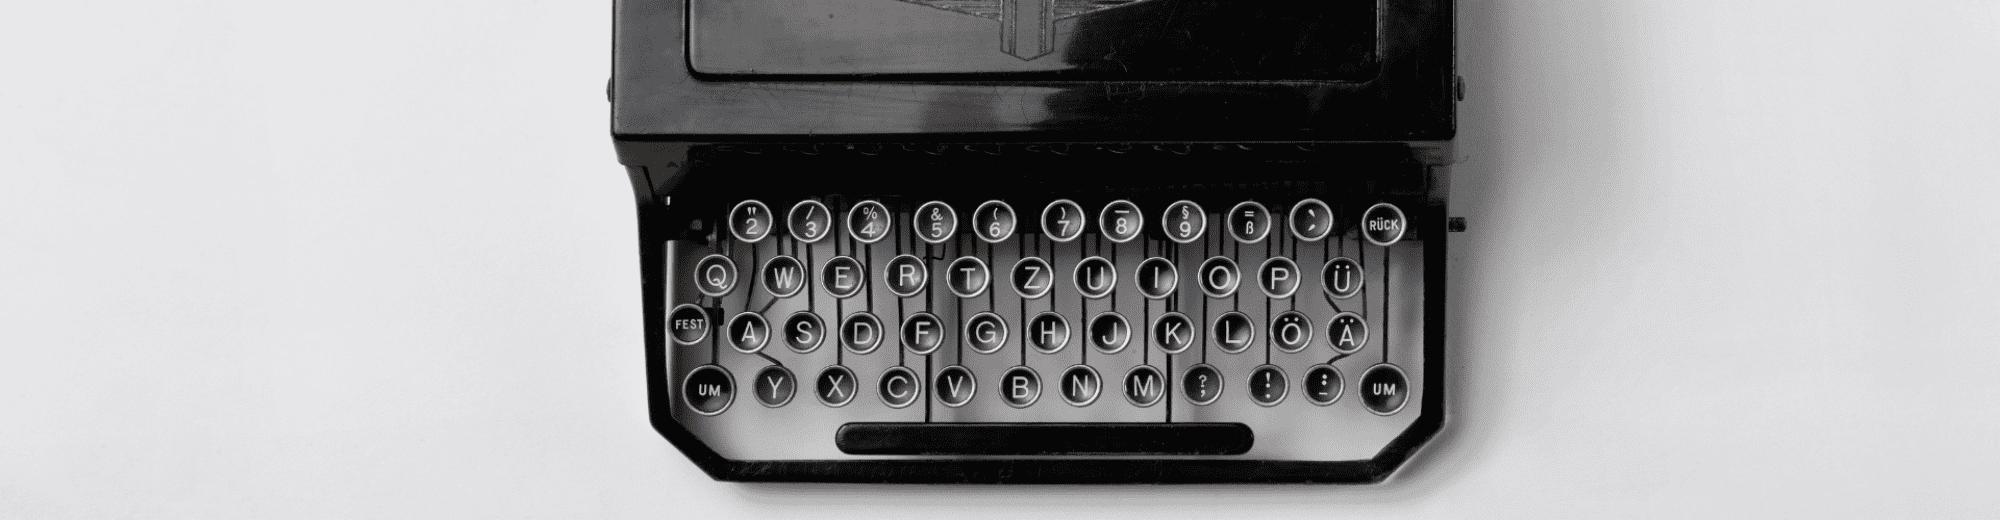 Machines à écrire, à coudre, à écouter…